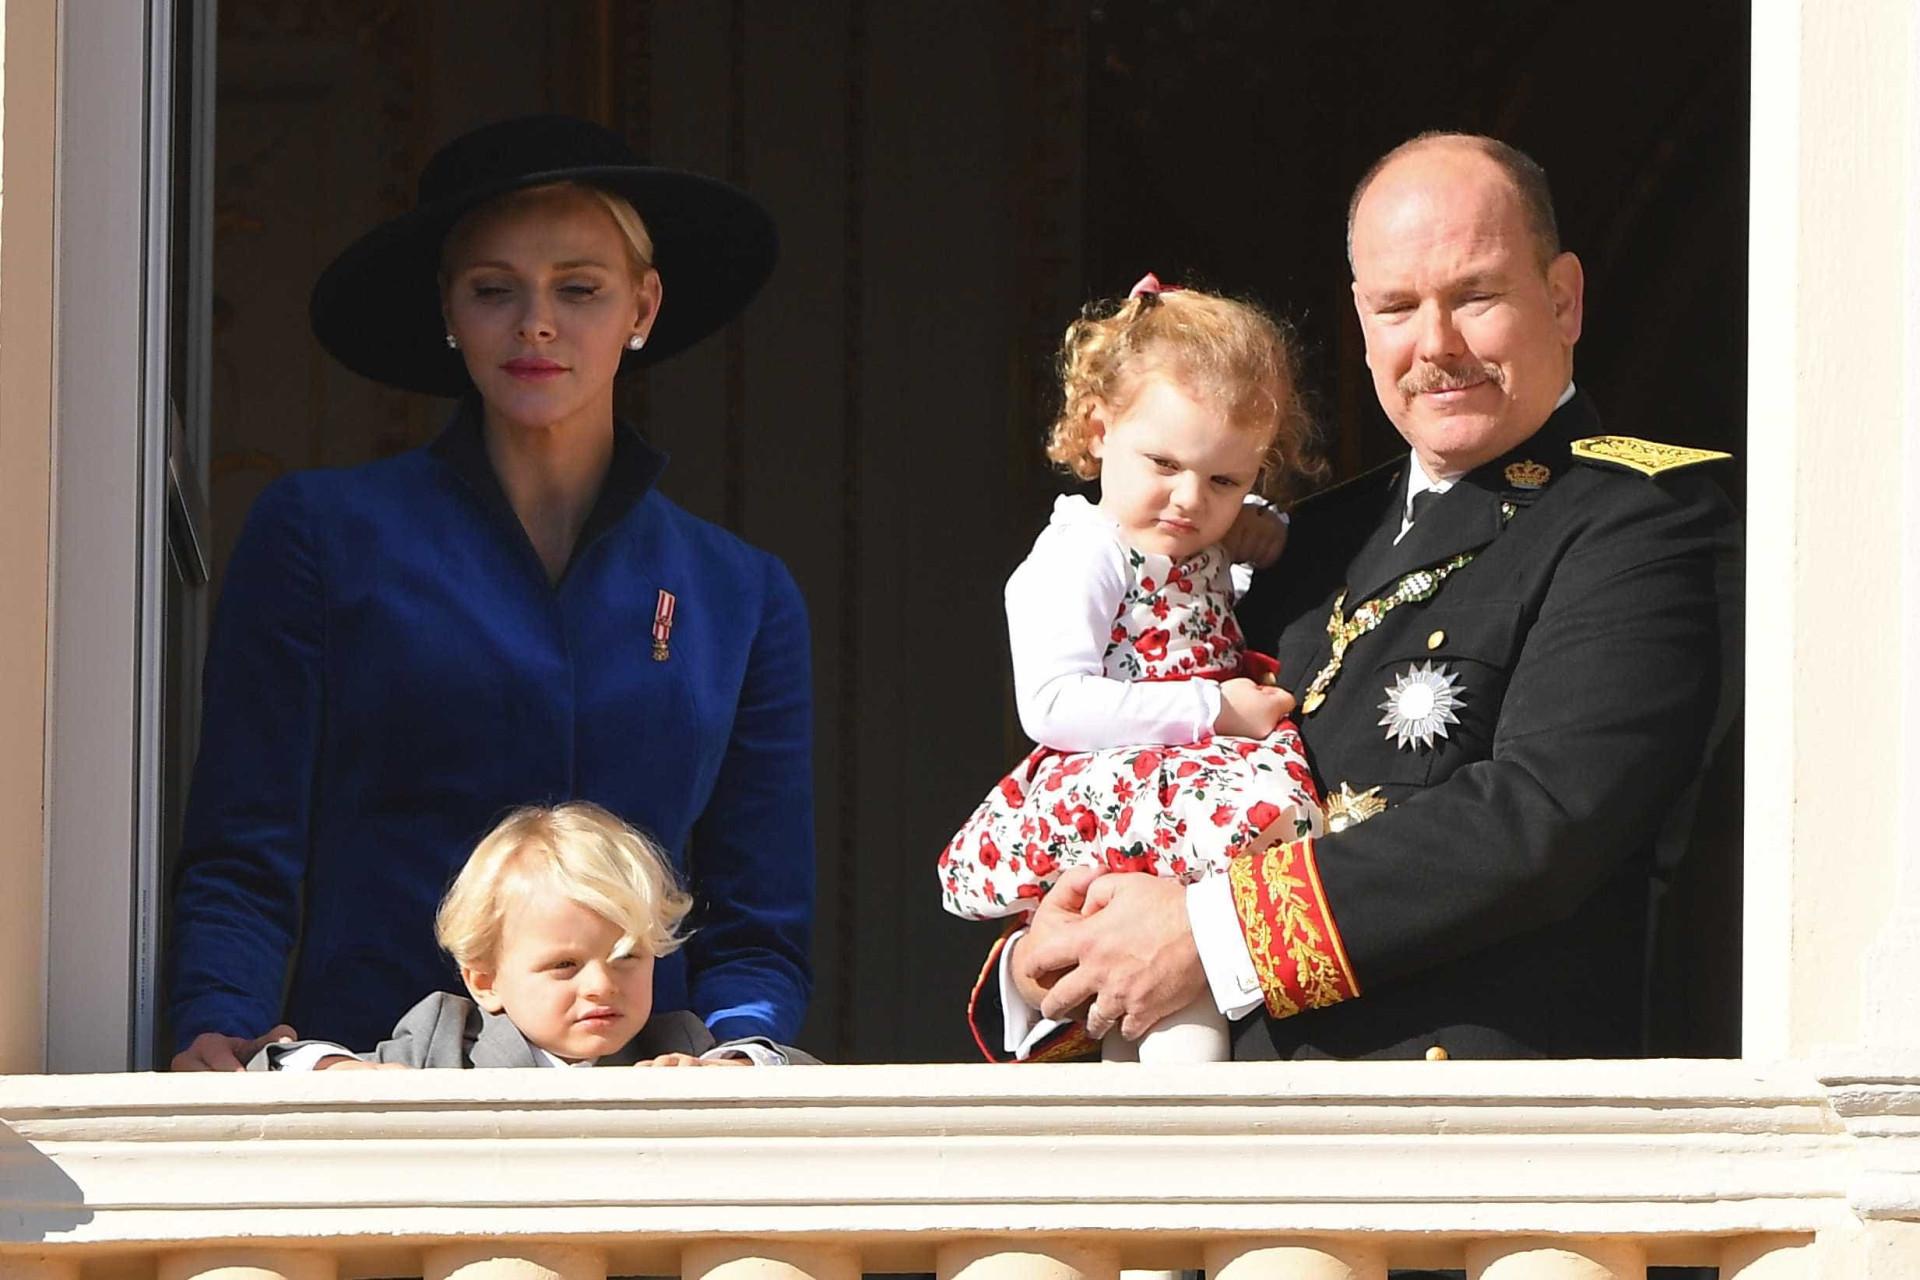 Gémeos de Charlene e Alberto do Mónaco foram estrelas por um dia